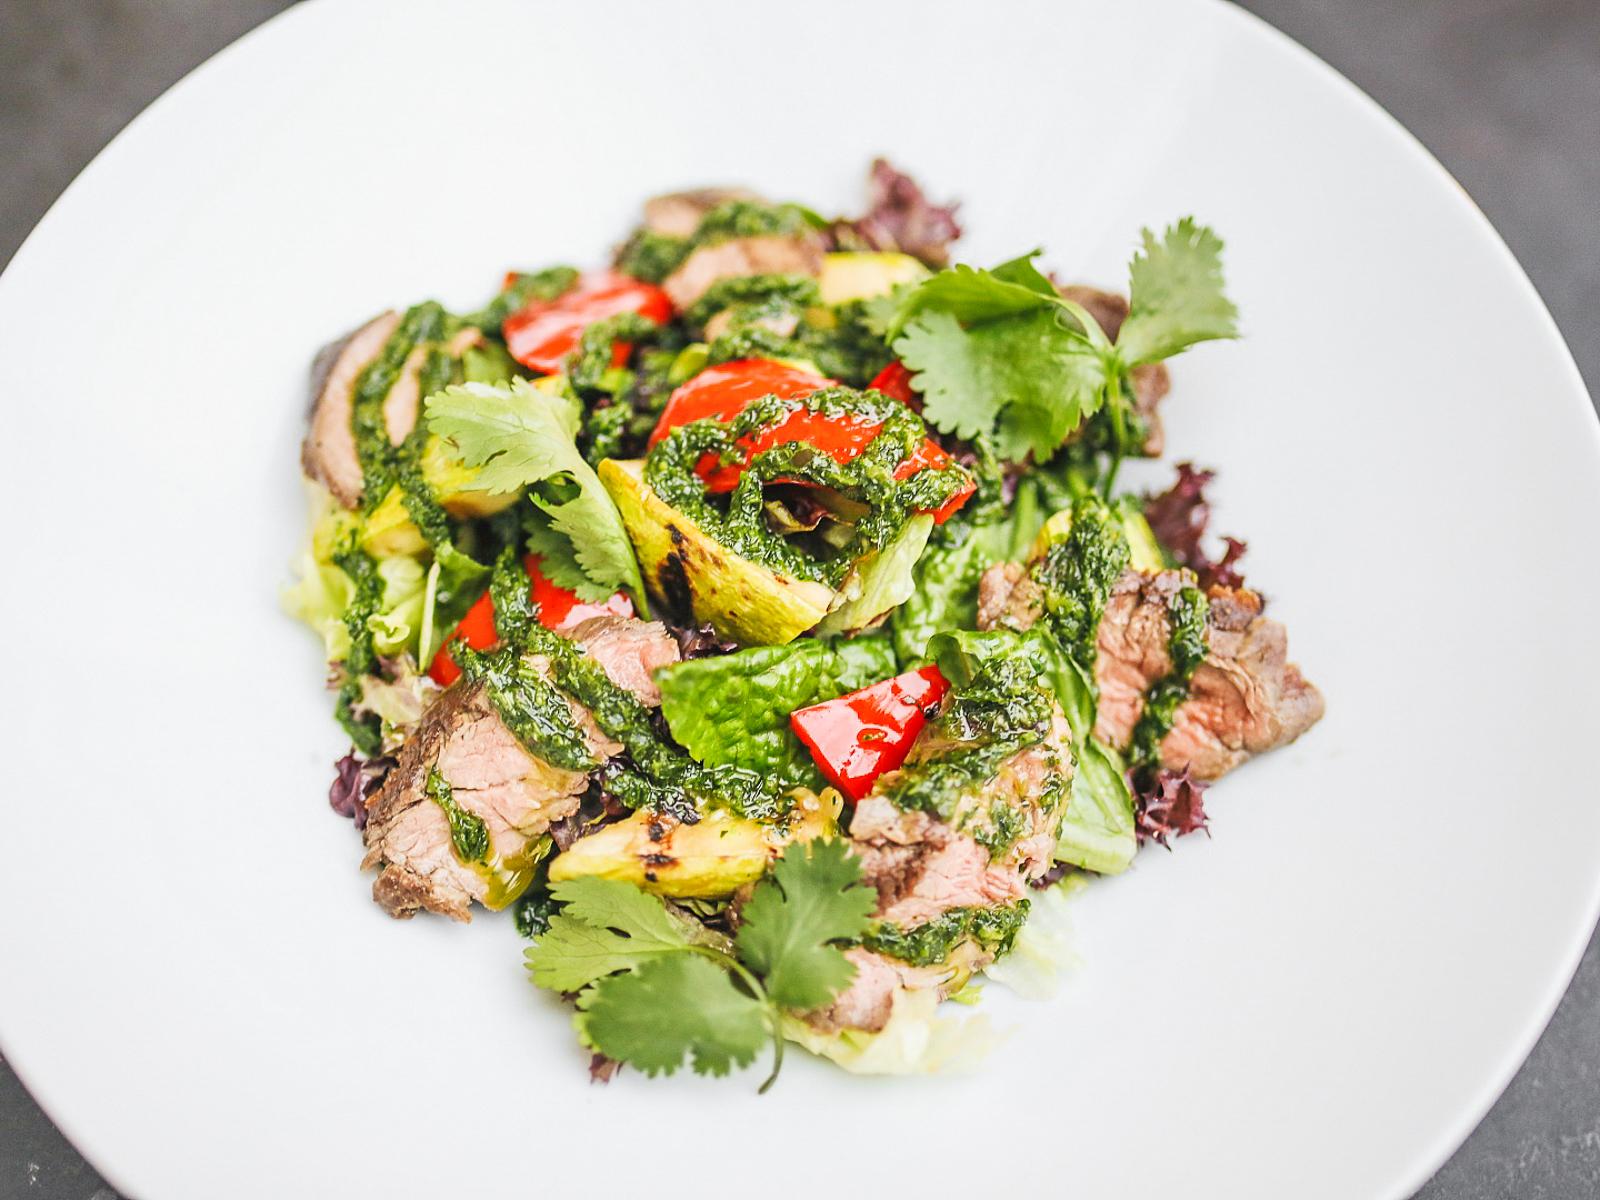 Салат с говядиной и соусом из разнотравья